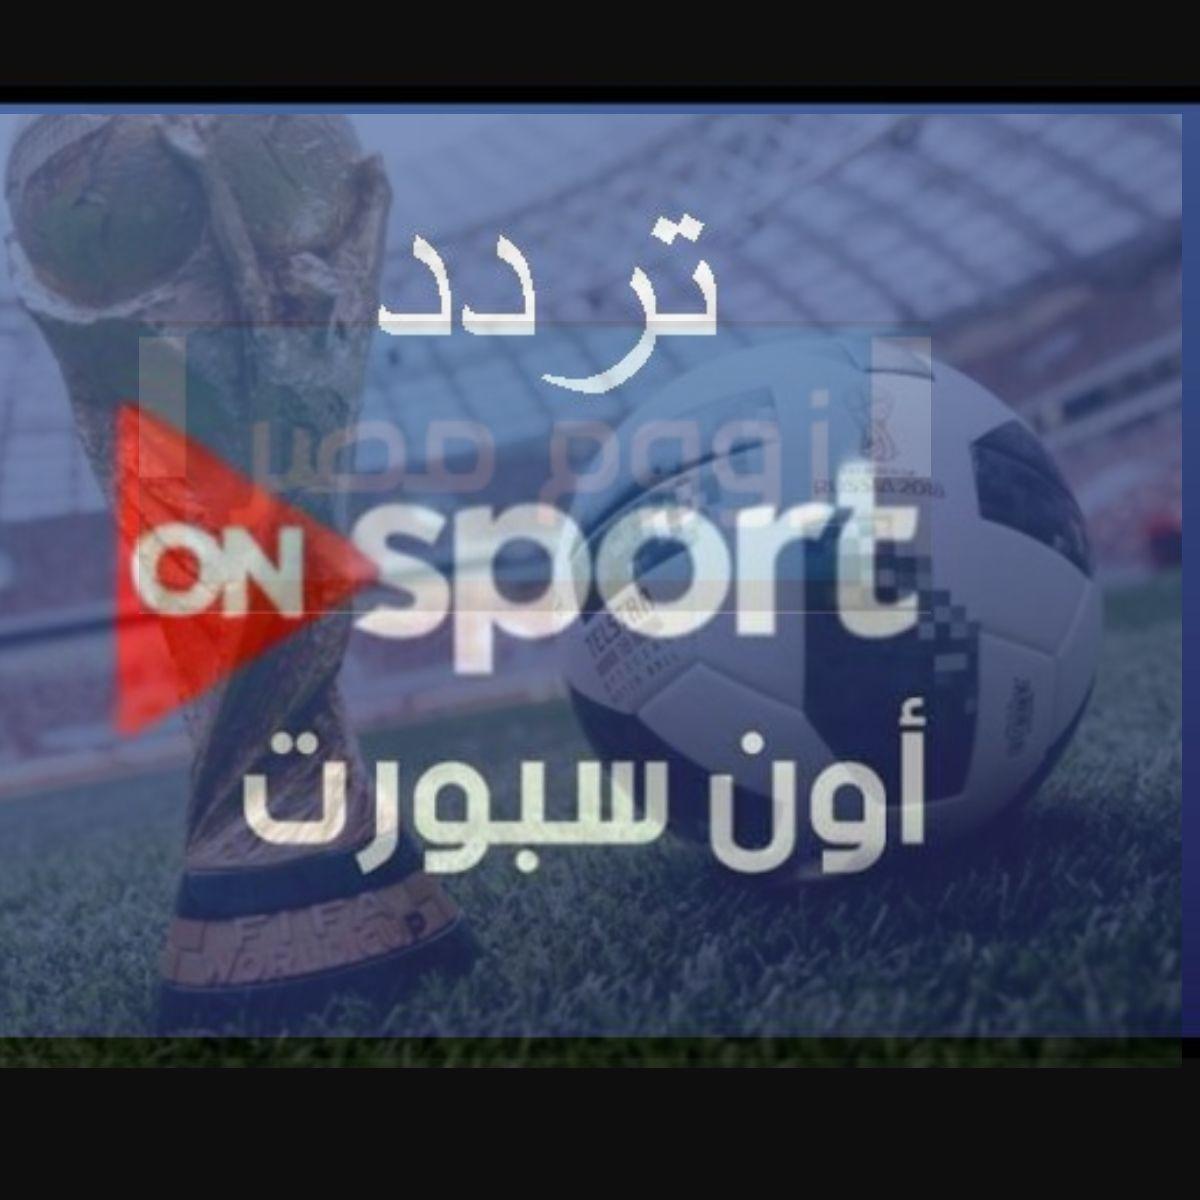 تردد قناة أون سبورت On Sports HD الأحدث 2020 على نايل سات